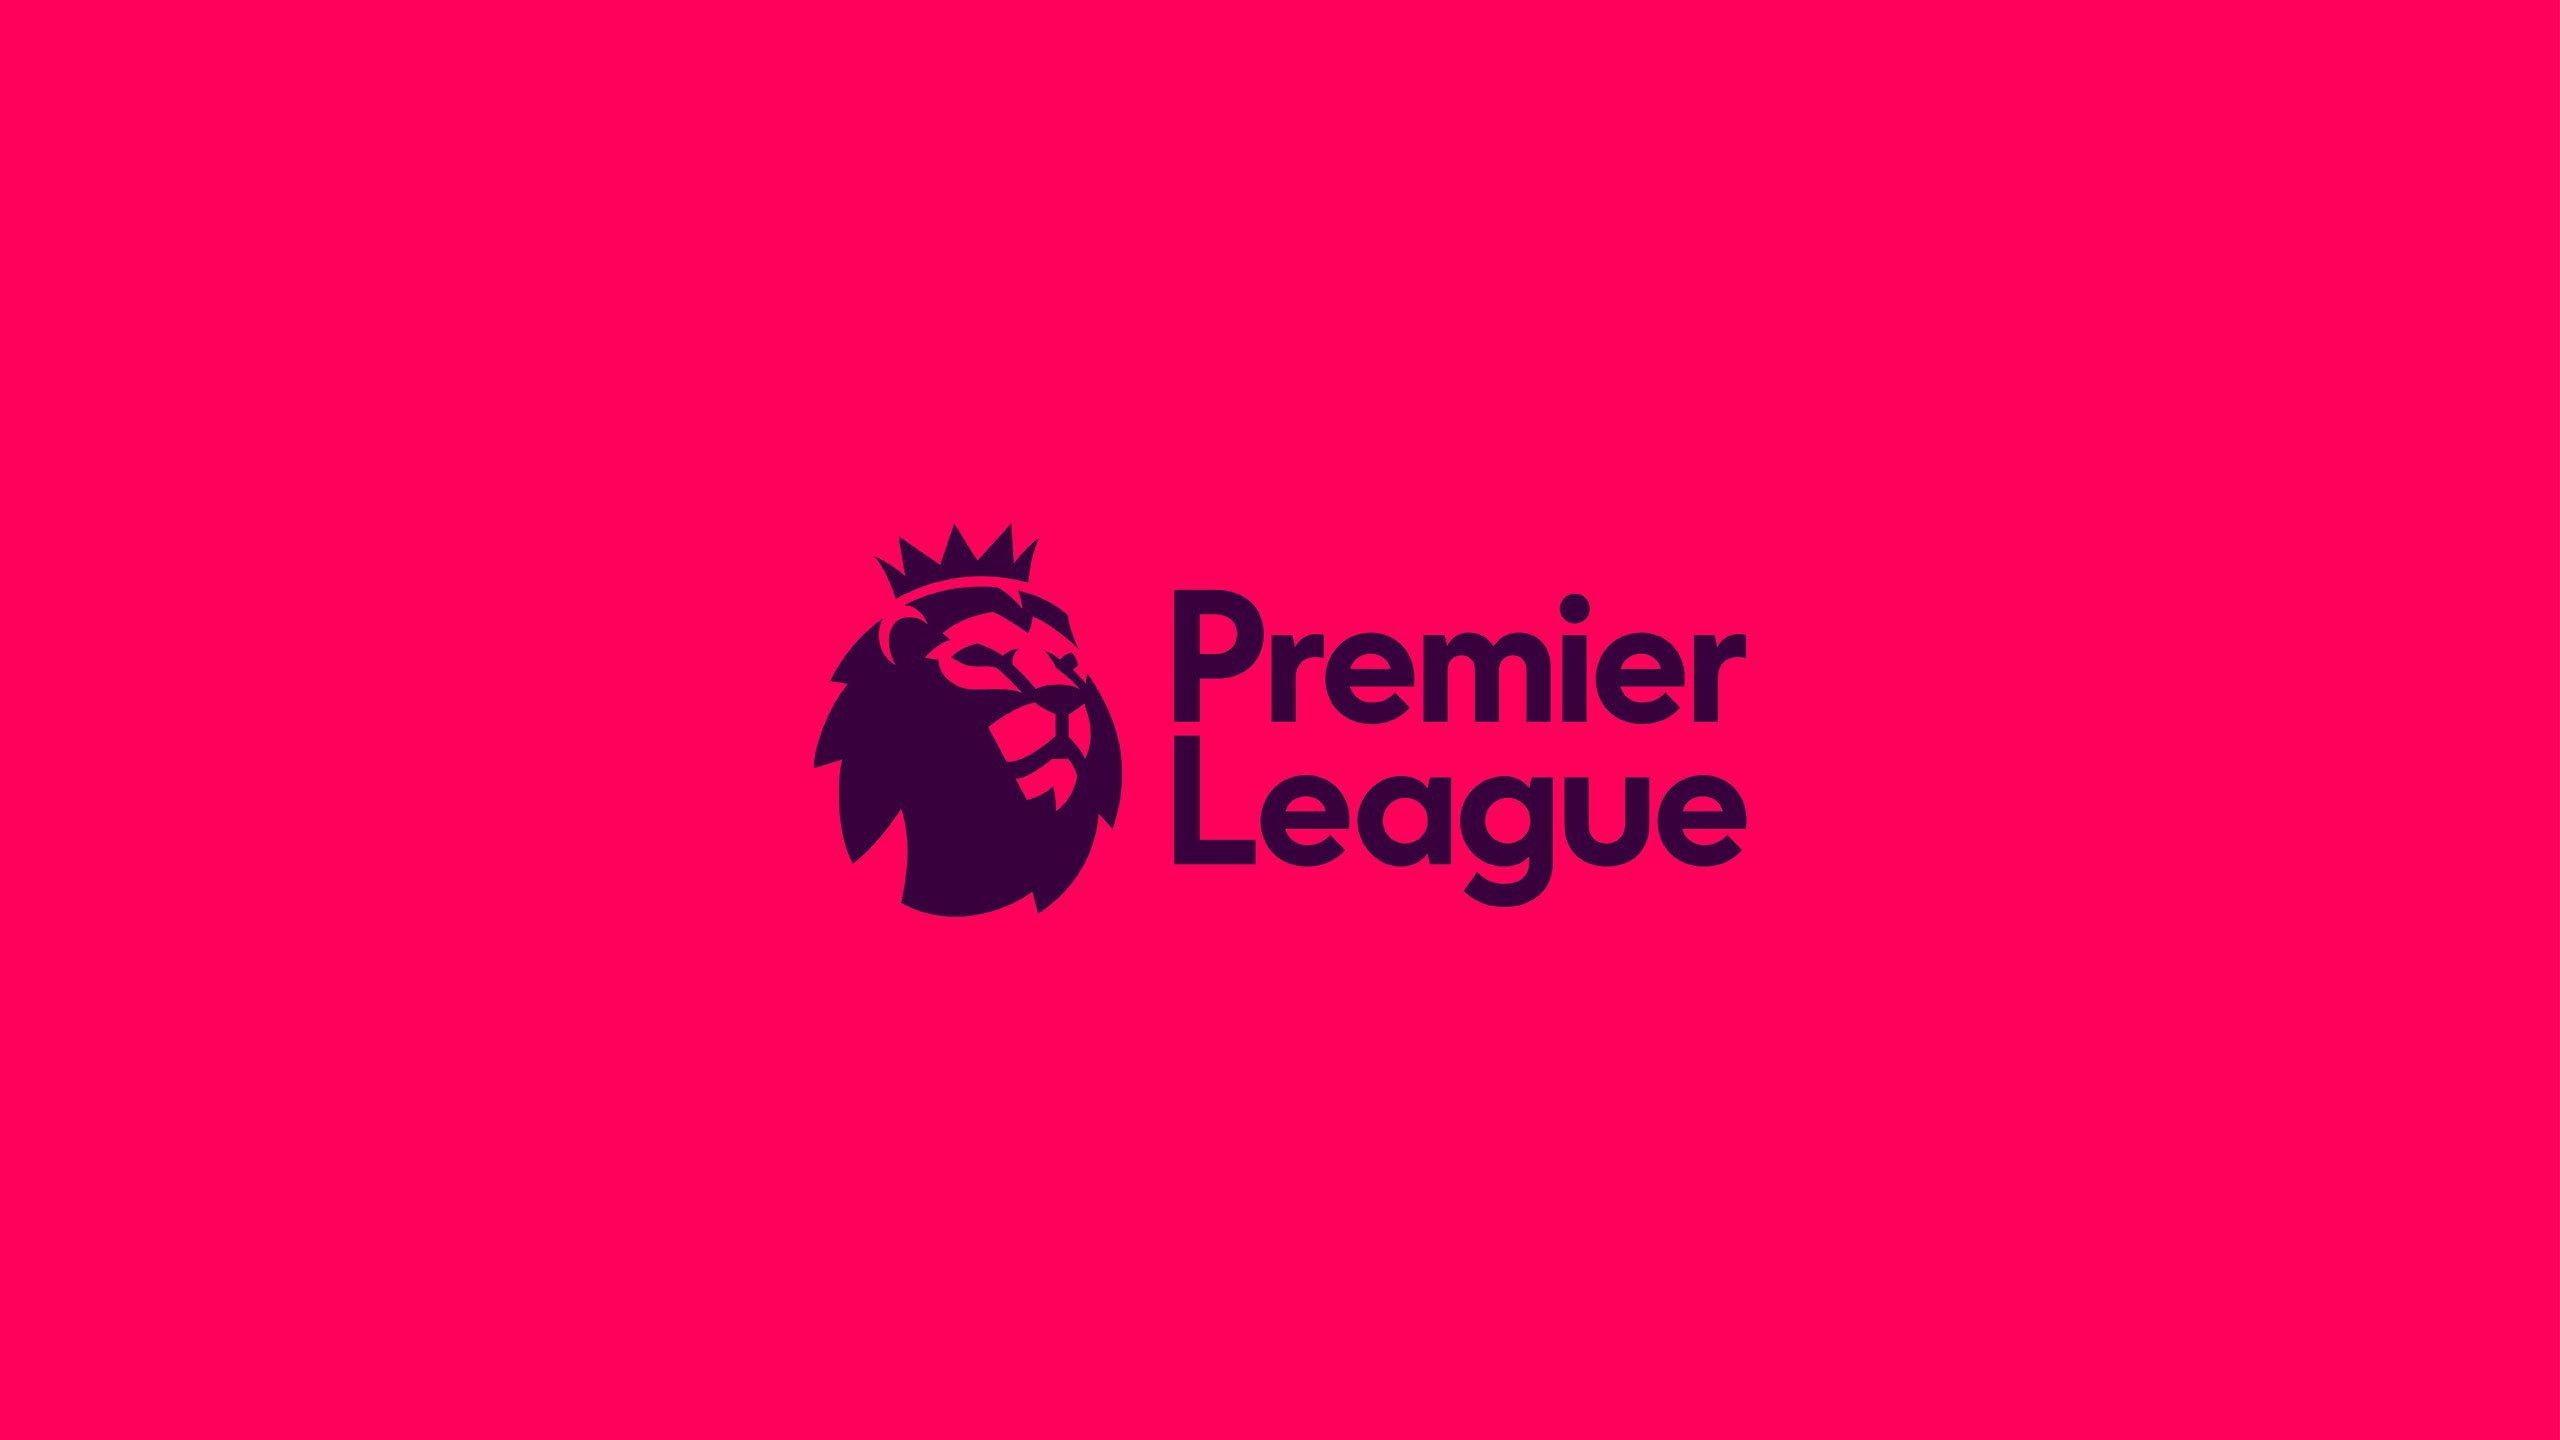 Тоттенхэм Хотспурс иЛиверпуль сыграли вничью в следующем туре британской Премьер Лиги